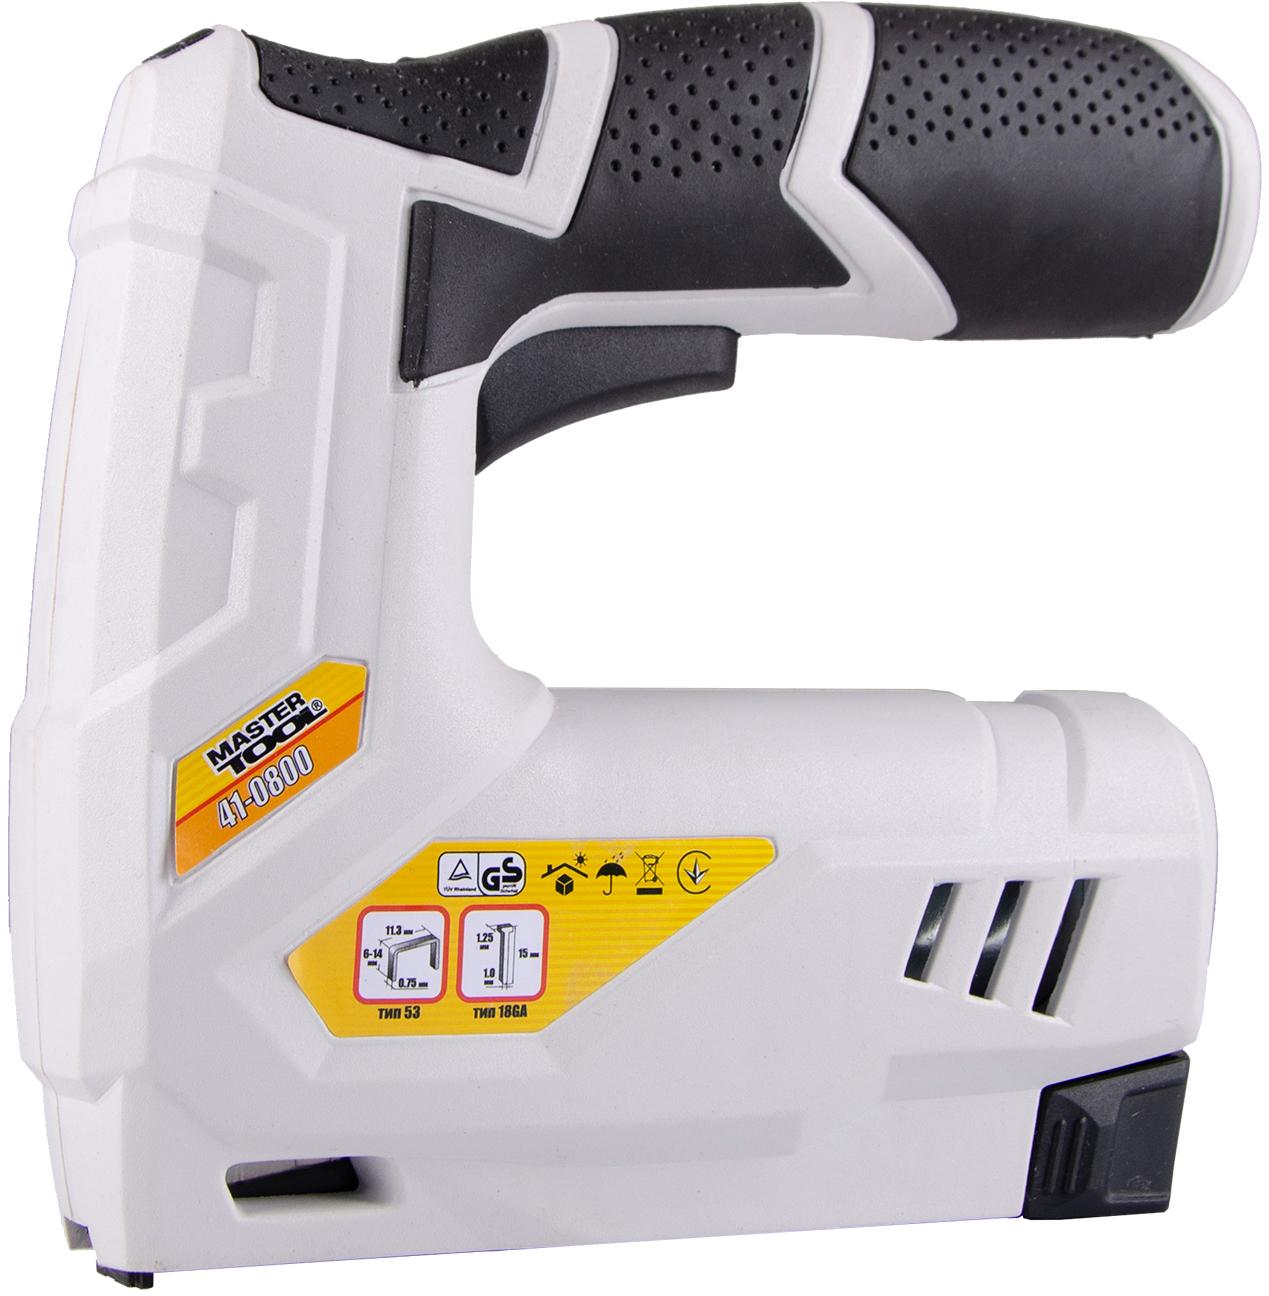 Степлер акумуляторний Mastertool скоба 6-14 мм 11.3х0.7 мм цвях 15 мм (41-0800)